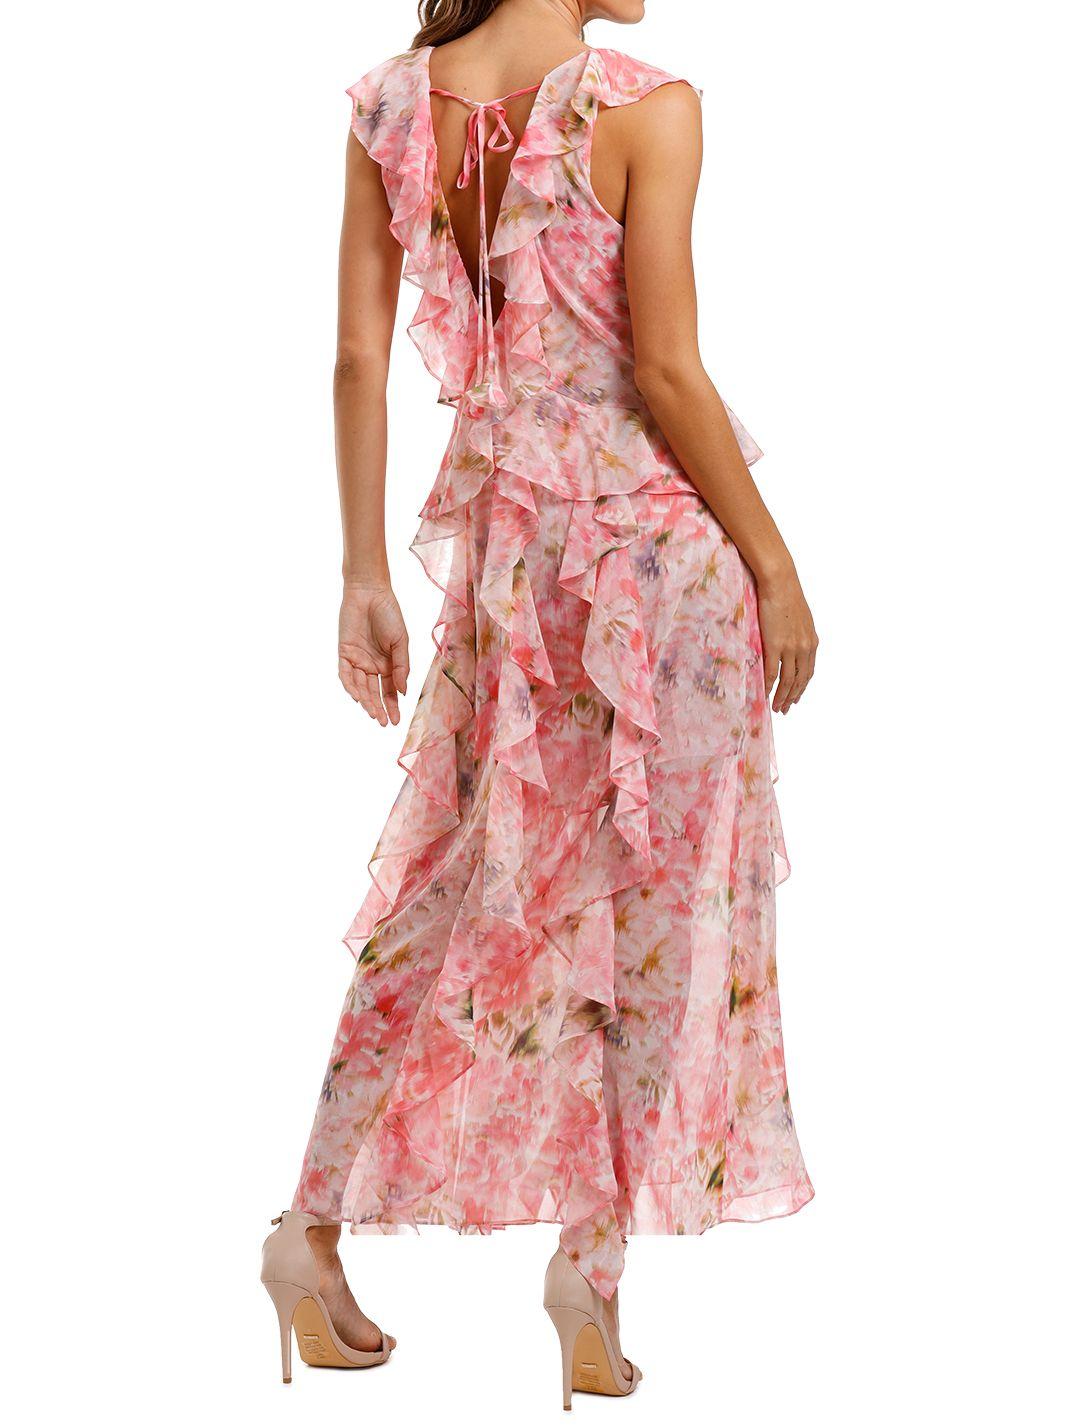 Misa LA Claudita Dress pink floral print